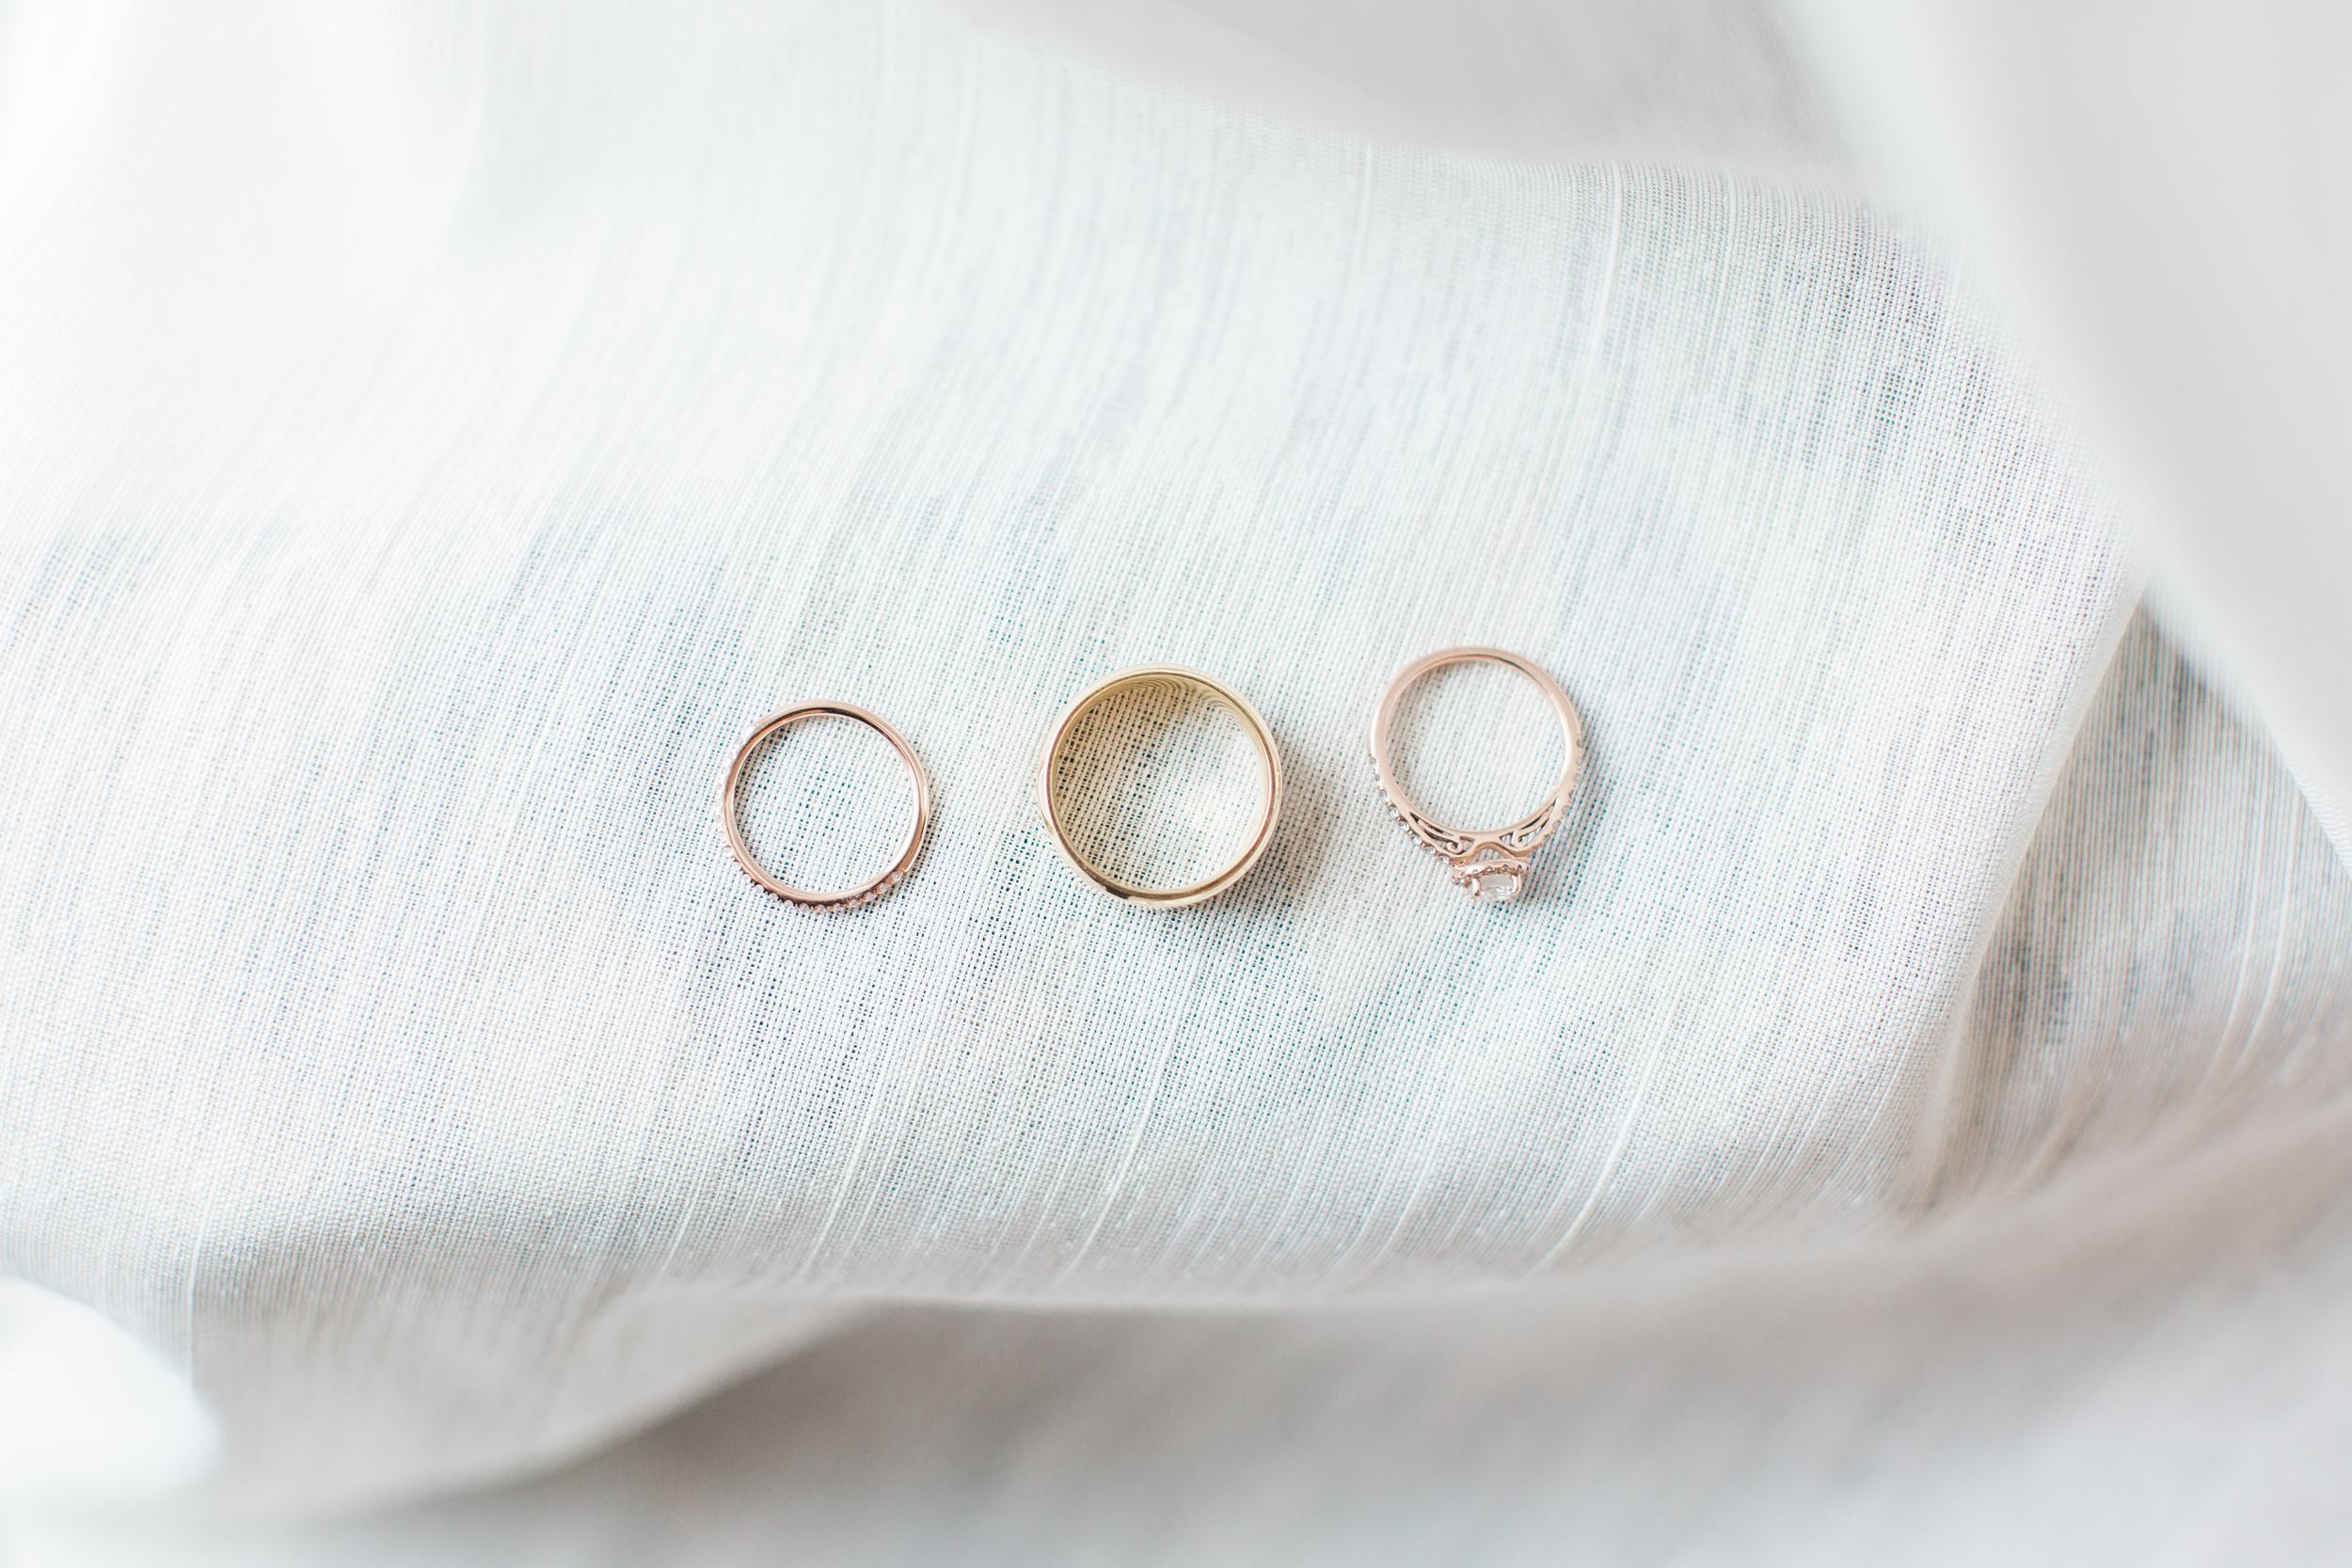 06-wedding-rings-on-white.jpg